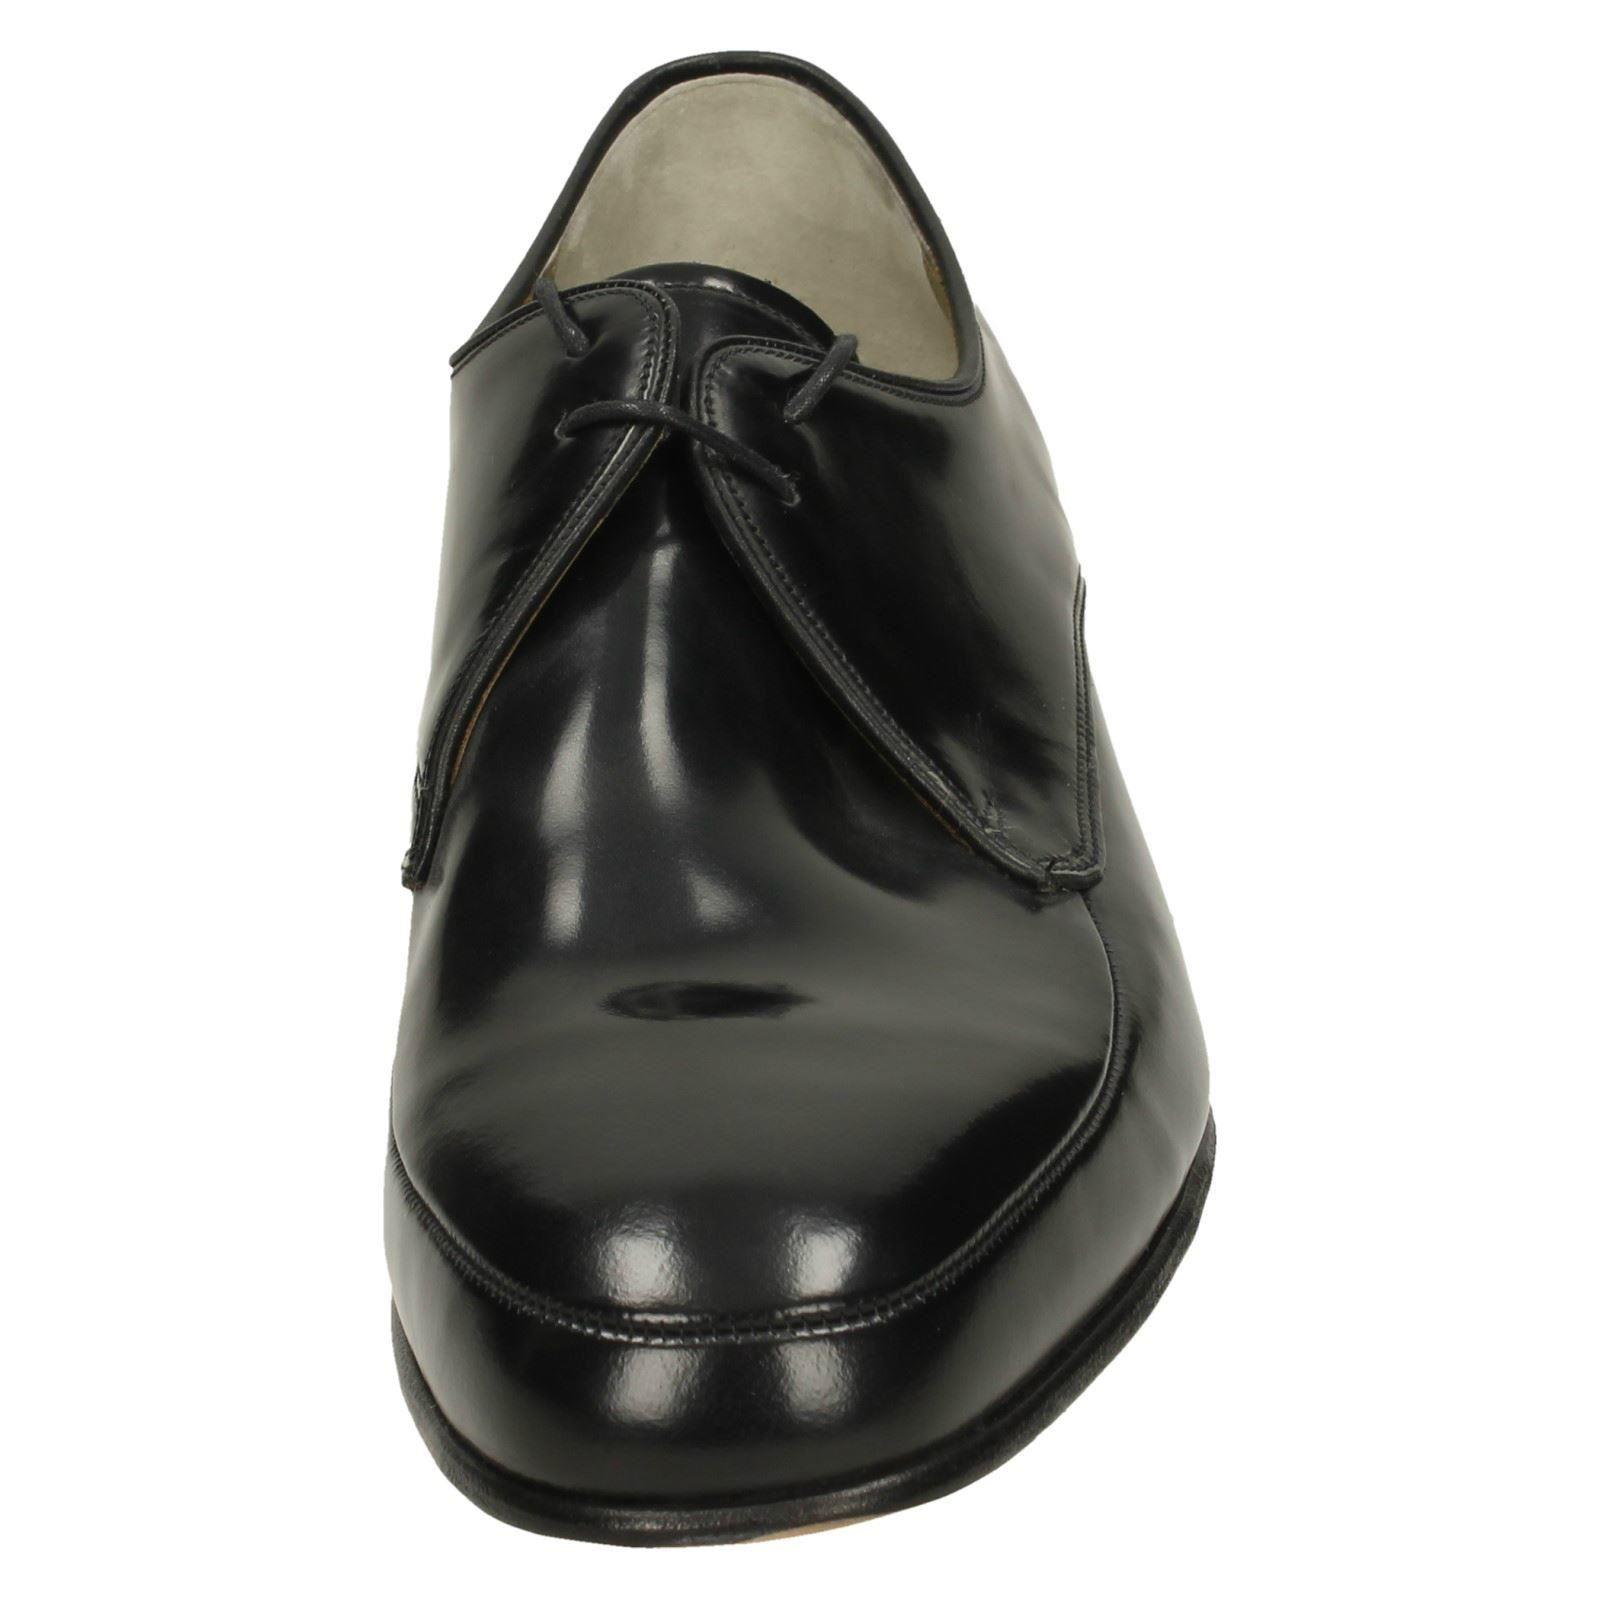 Billig gute Qualität Mens Barker Formal Shoes Chesham